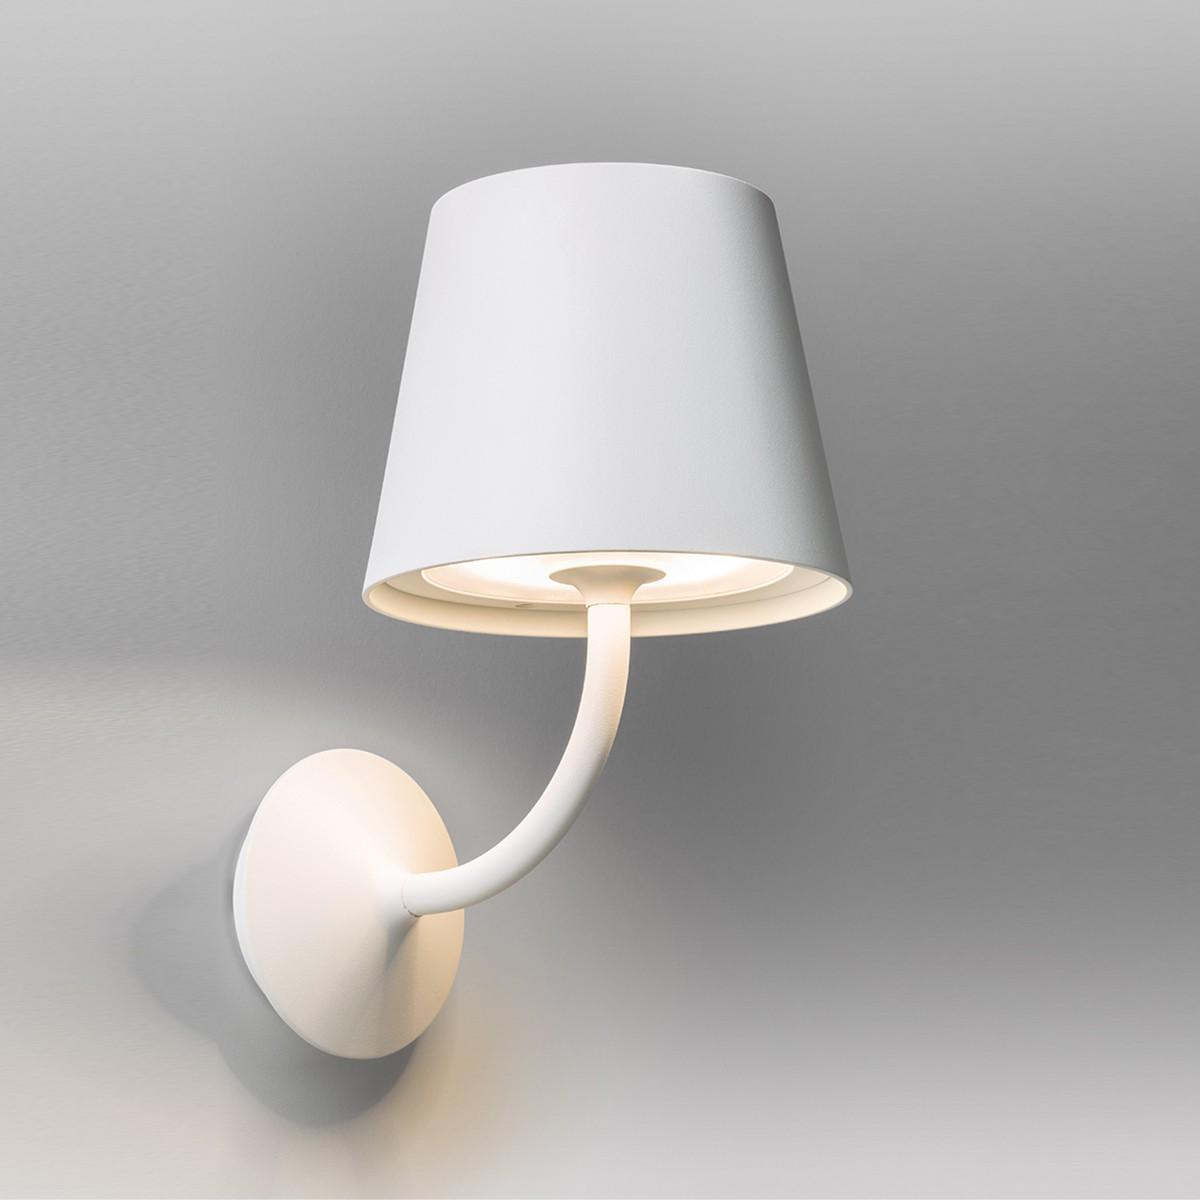 Lupia Licht Visor Außenwandleuchte, weiß